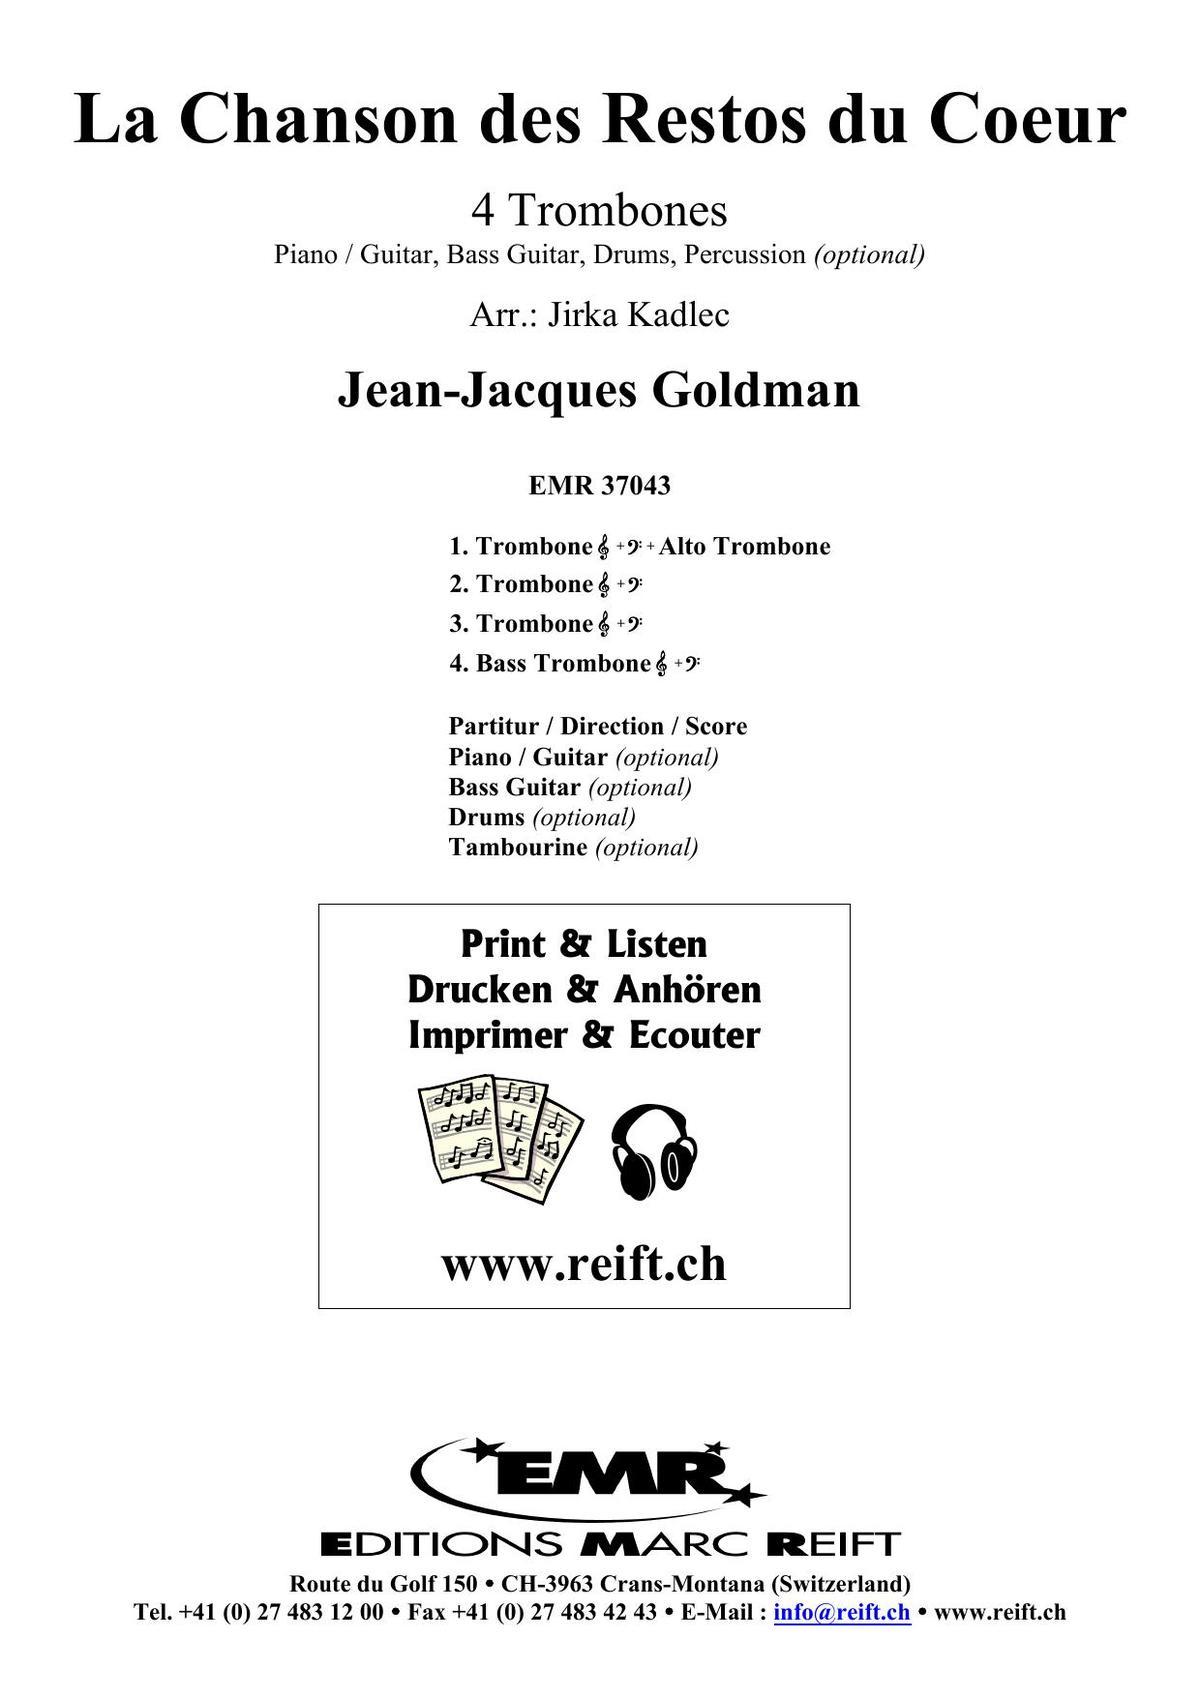 Dvo Druck Und Verlag Obermayer Gmbh concernant Chanson A Imprimer